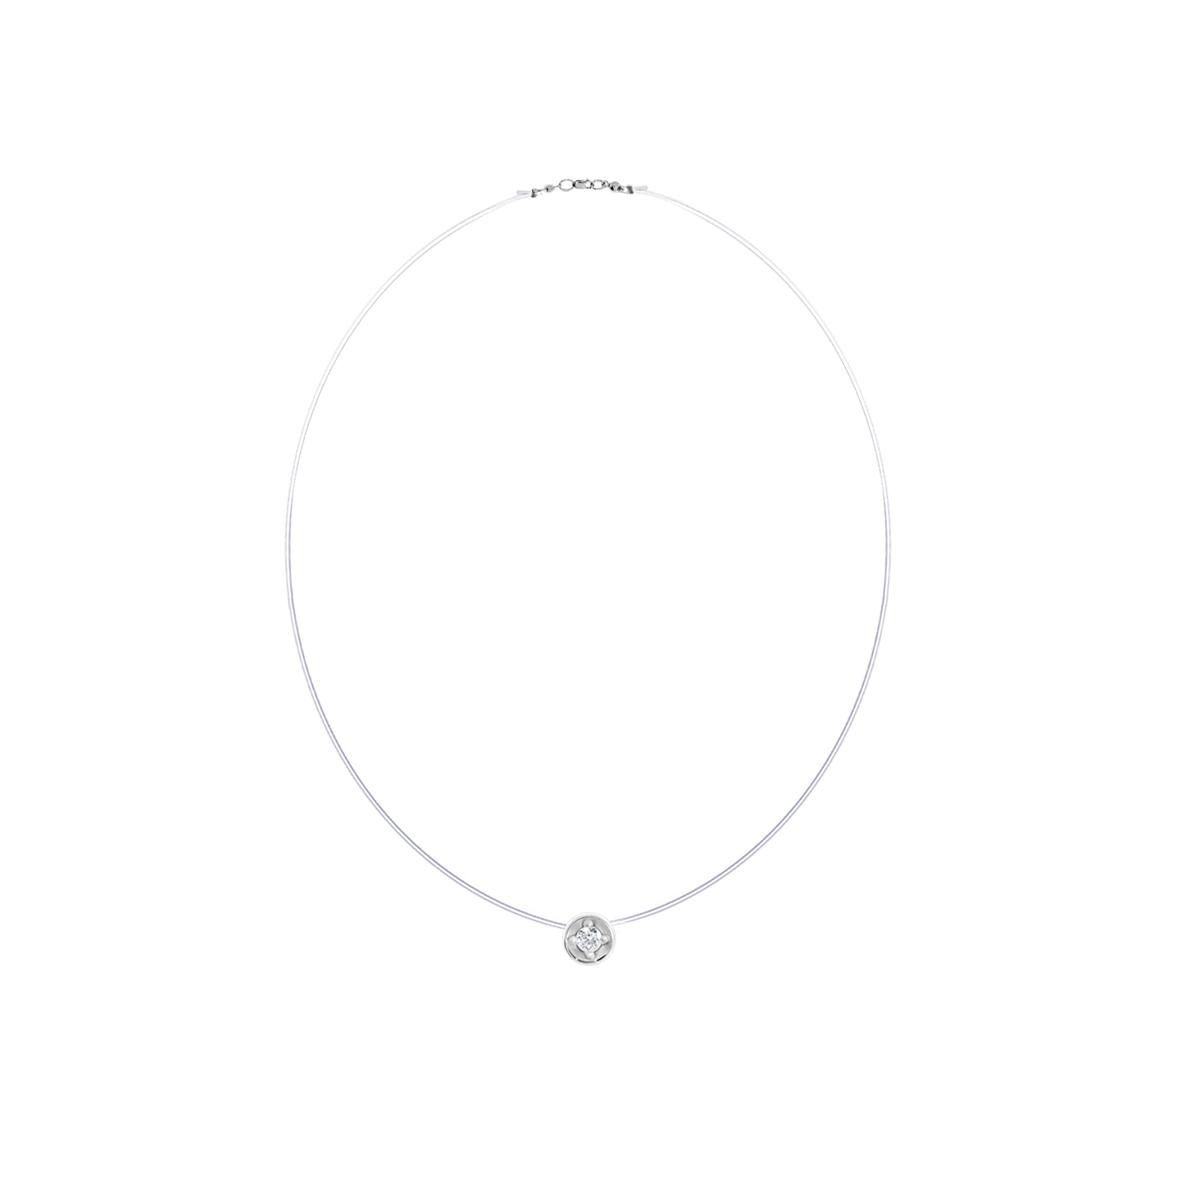 Колье-леска из серебра с леской и фианитом арт. 8340203056-42 8340203056-42